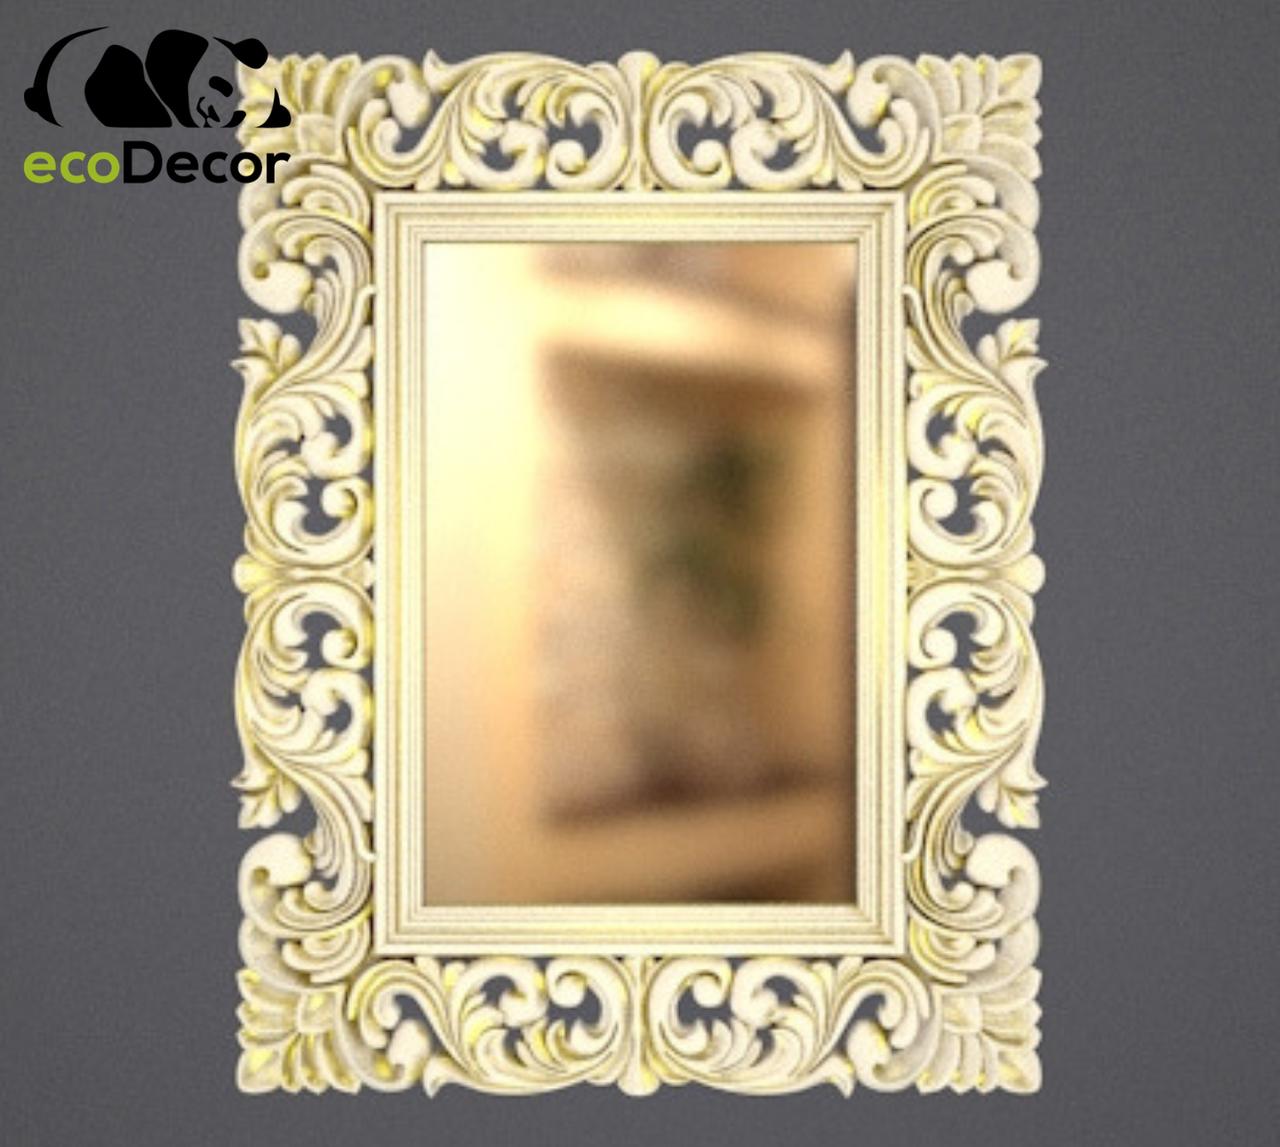 Дзеркало настінне Rangoon в білій із золотом рами